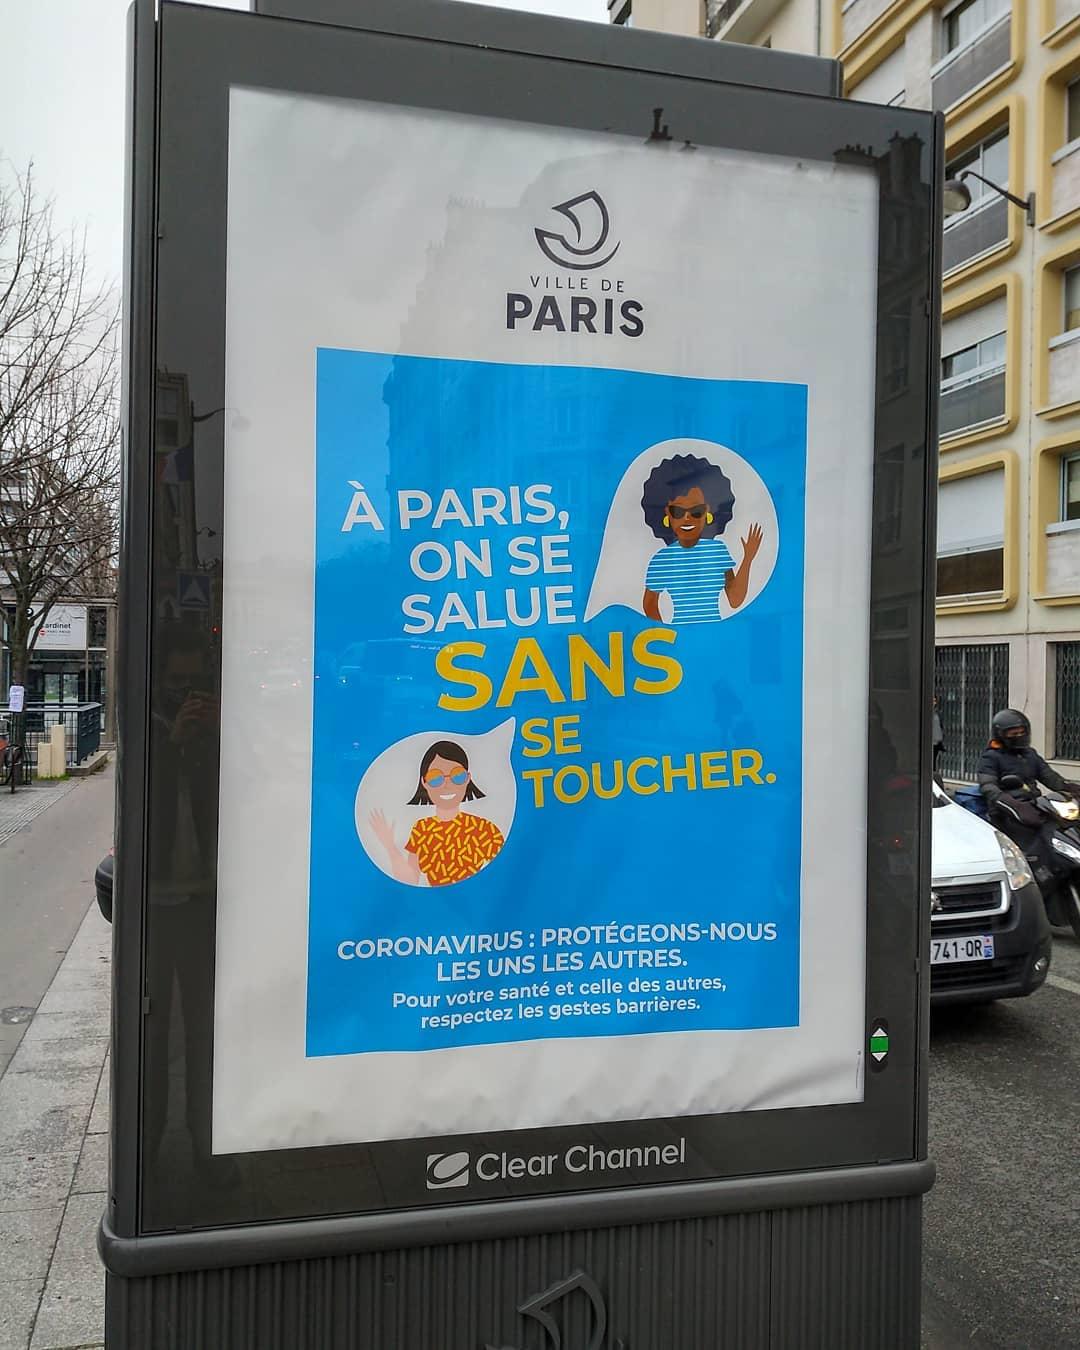 À Paris, c'est plutôt on se touche sans se saluer